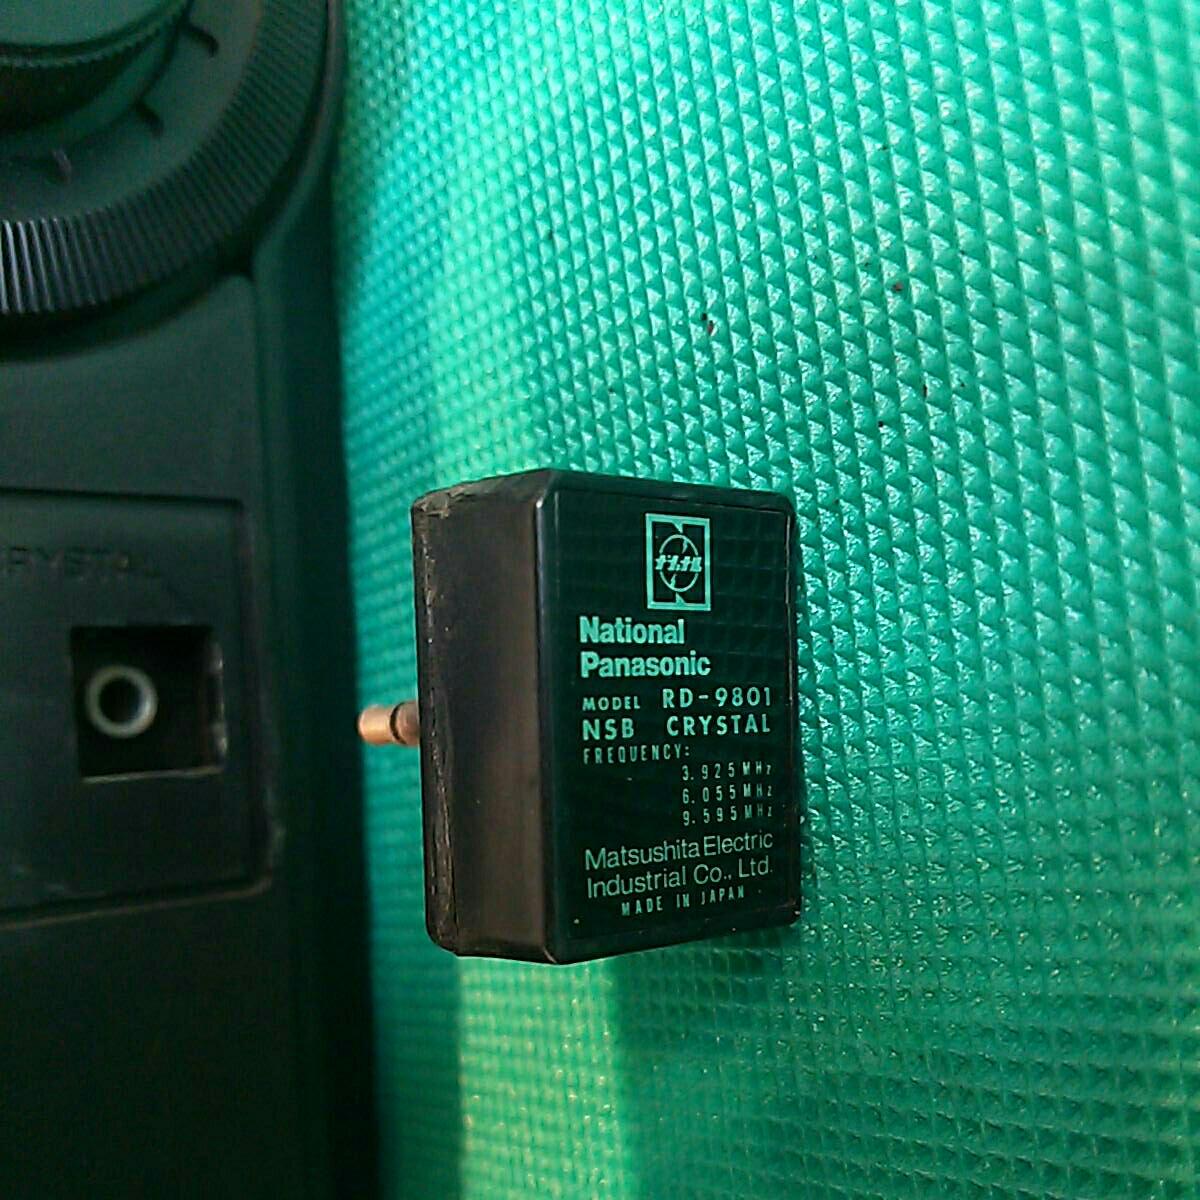 ナショナル national パナソニック Panasonic RF-877 3BAND ラジオ COUGAR No.7 RD-9801 NSB CRYSTAL 短波 中波 ジャンク ラジヲ 当時物_画像10